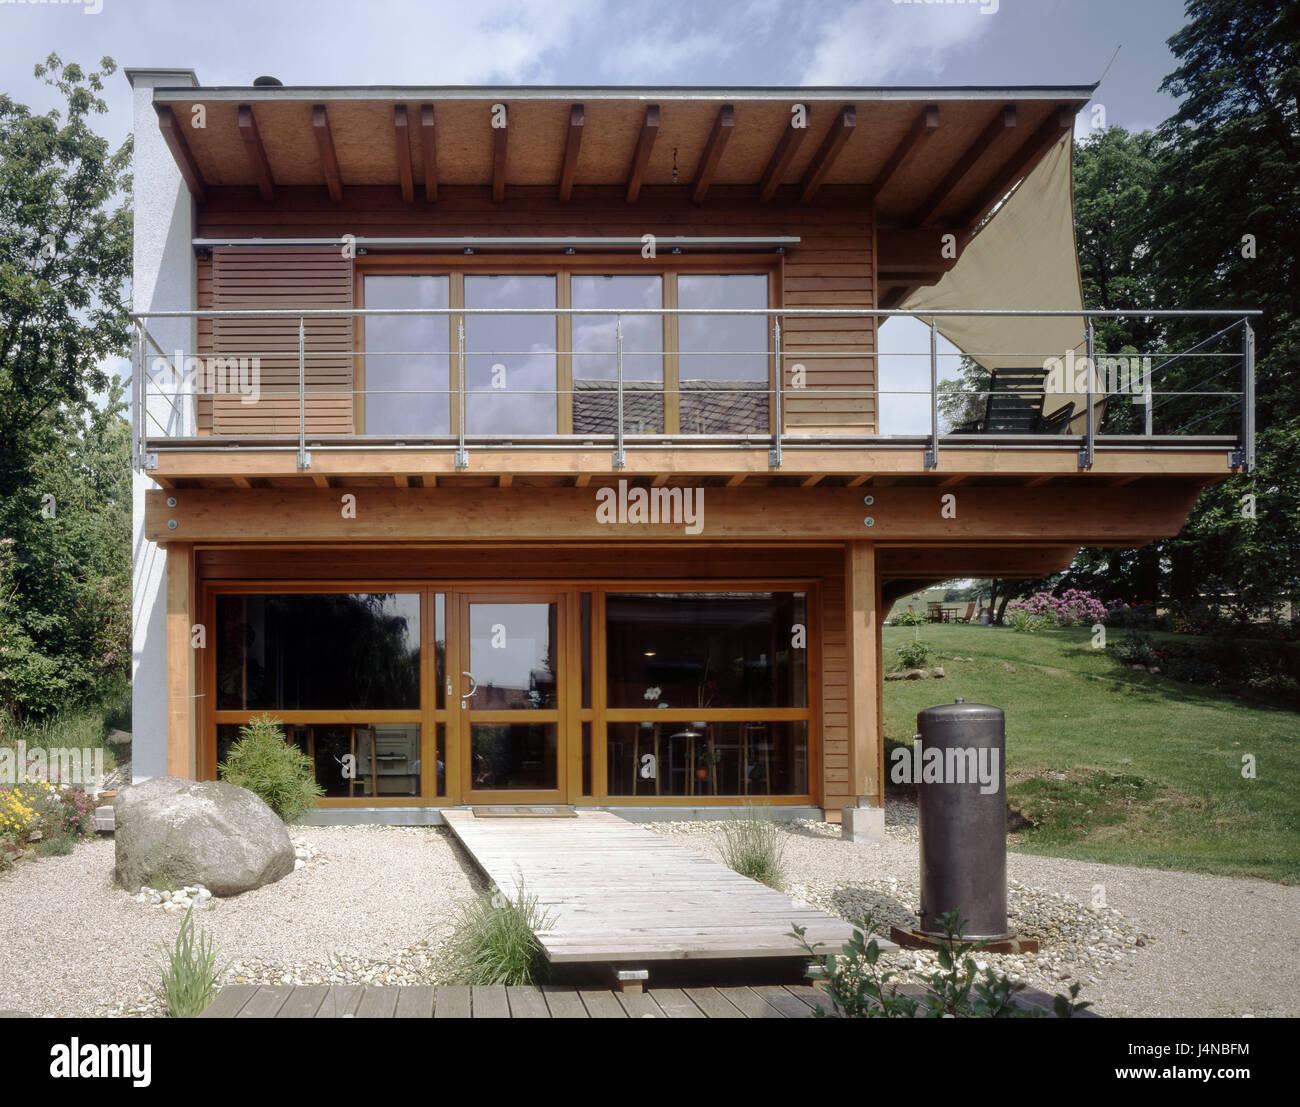 Ingresso Casa Esterno In Pietra casa residenziale, esterno, tetto piatto, balcone, giardino